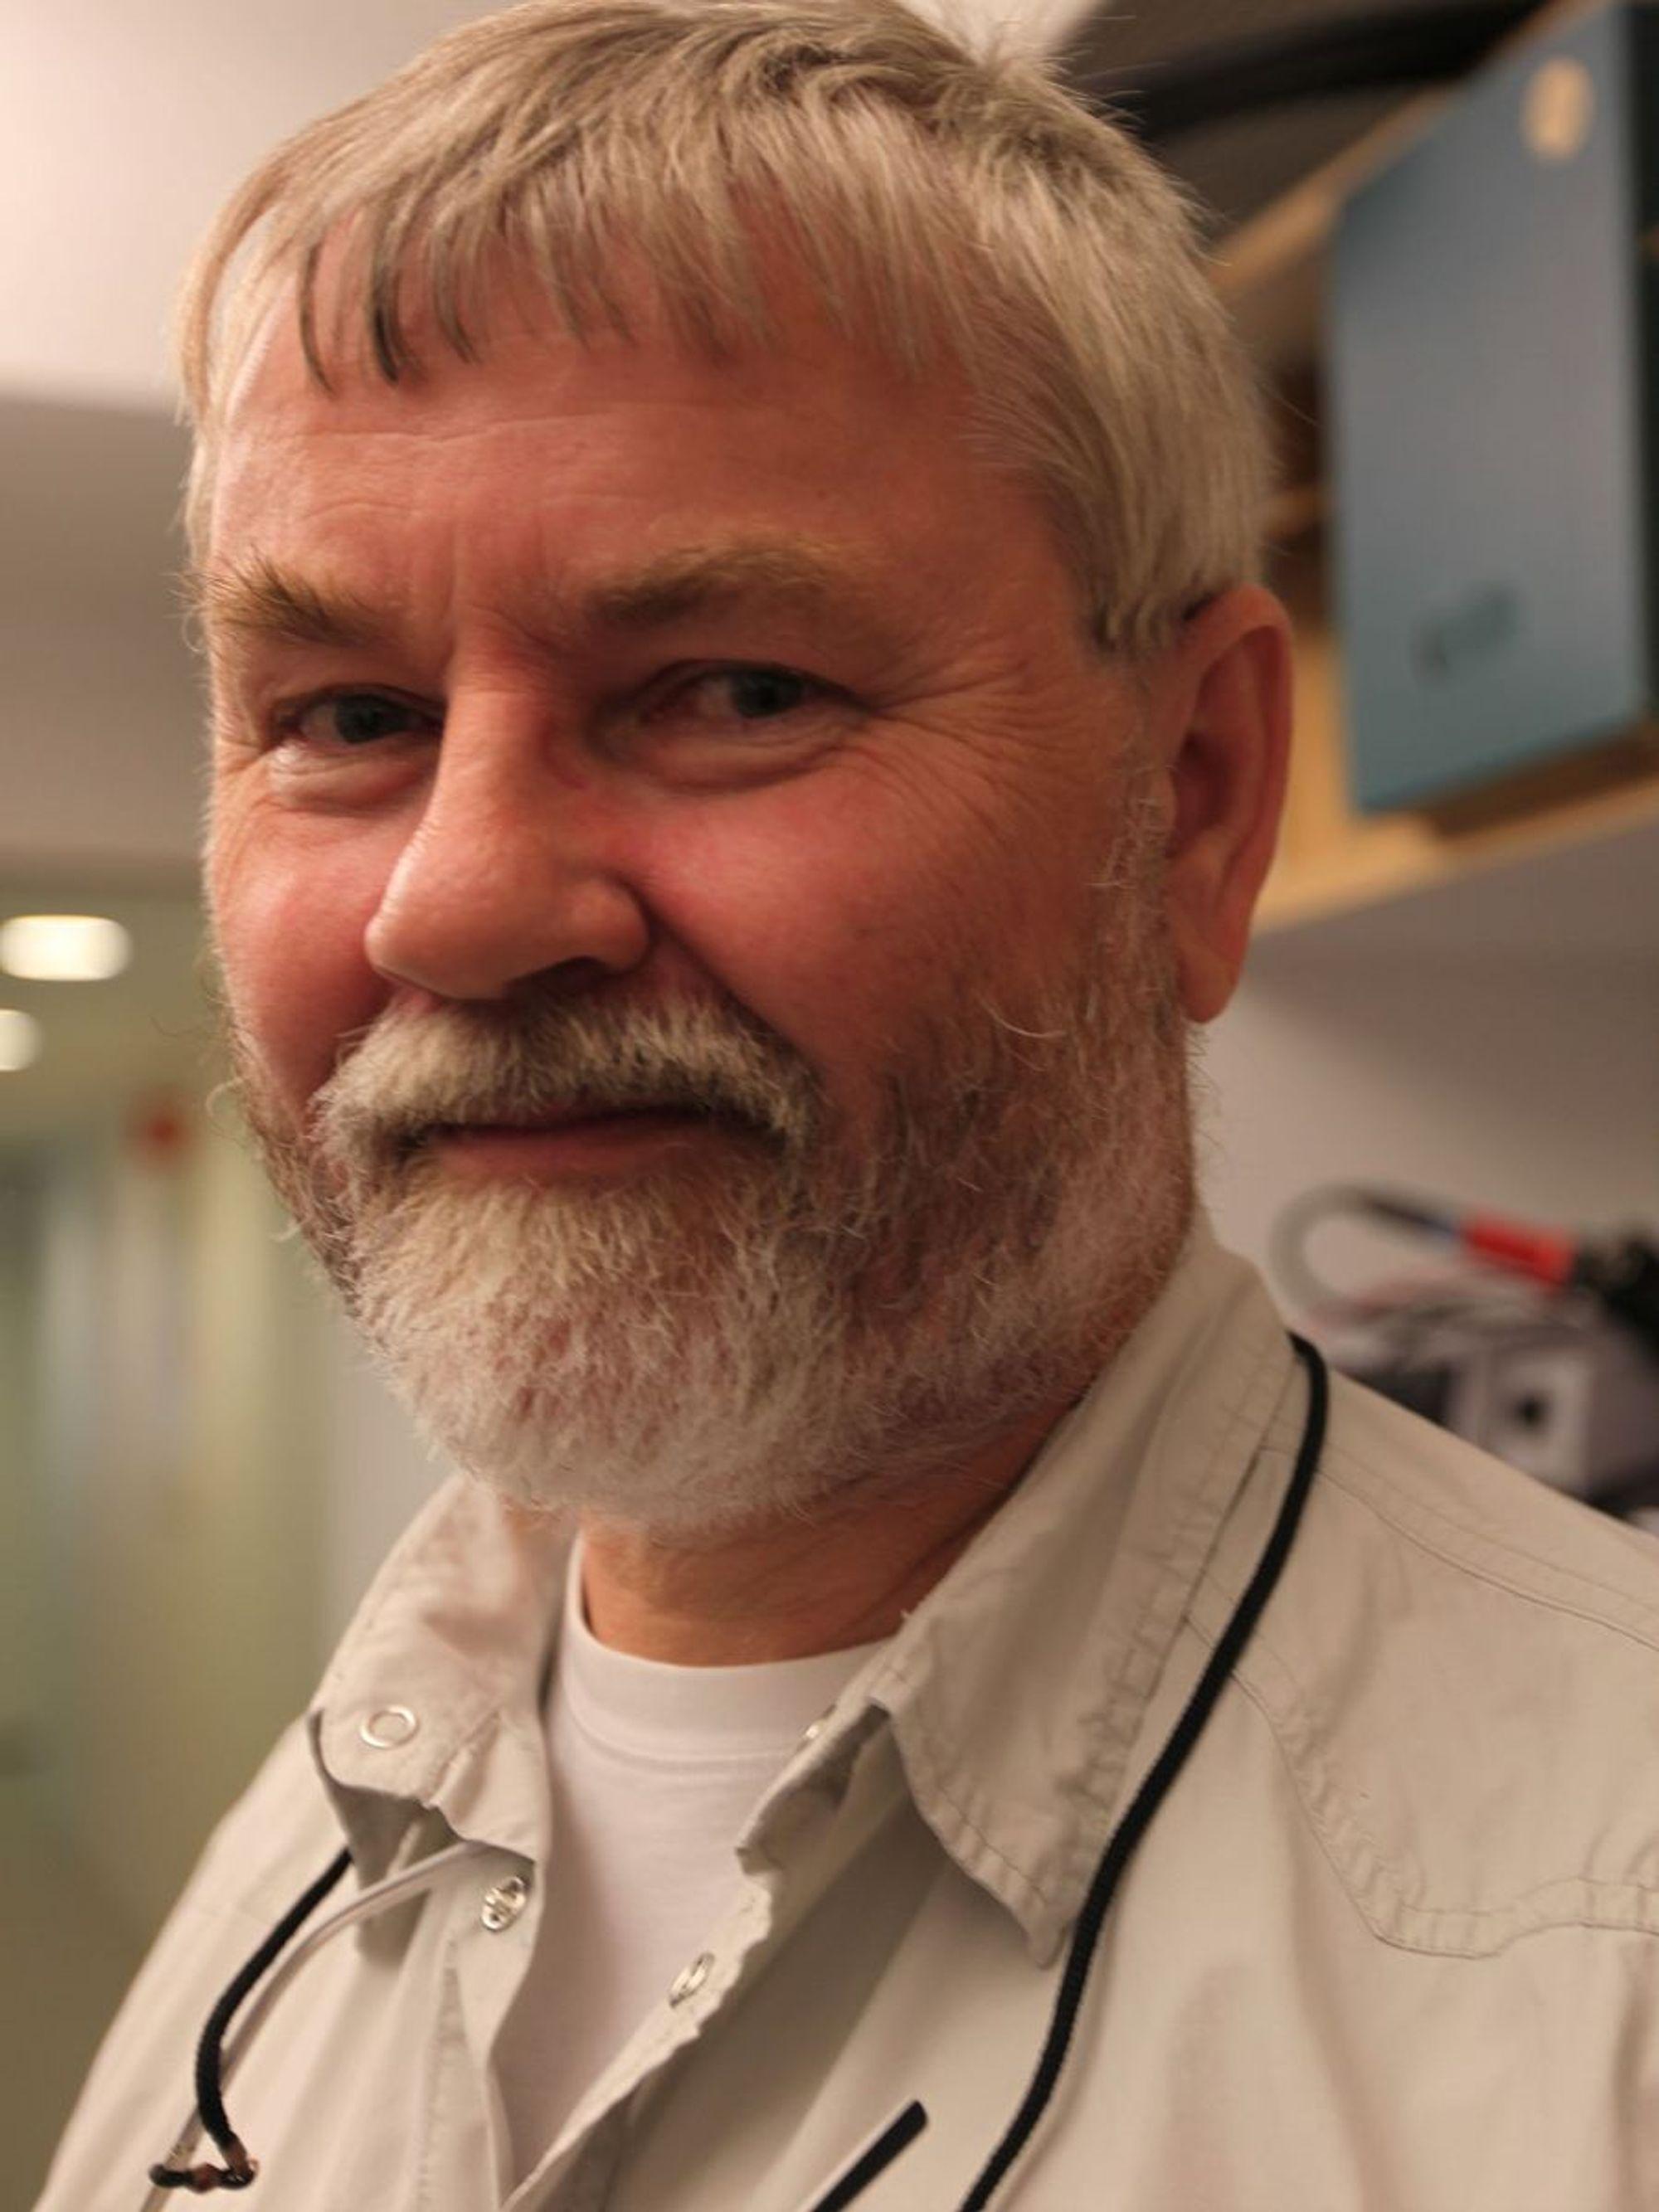 EKSPERT #1: Få vet mer om Hessdalen-fenomenet enn forsker Erling Strand. Og han er langt unna et svar på gåten.